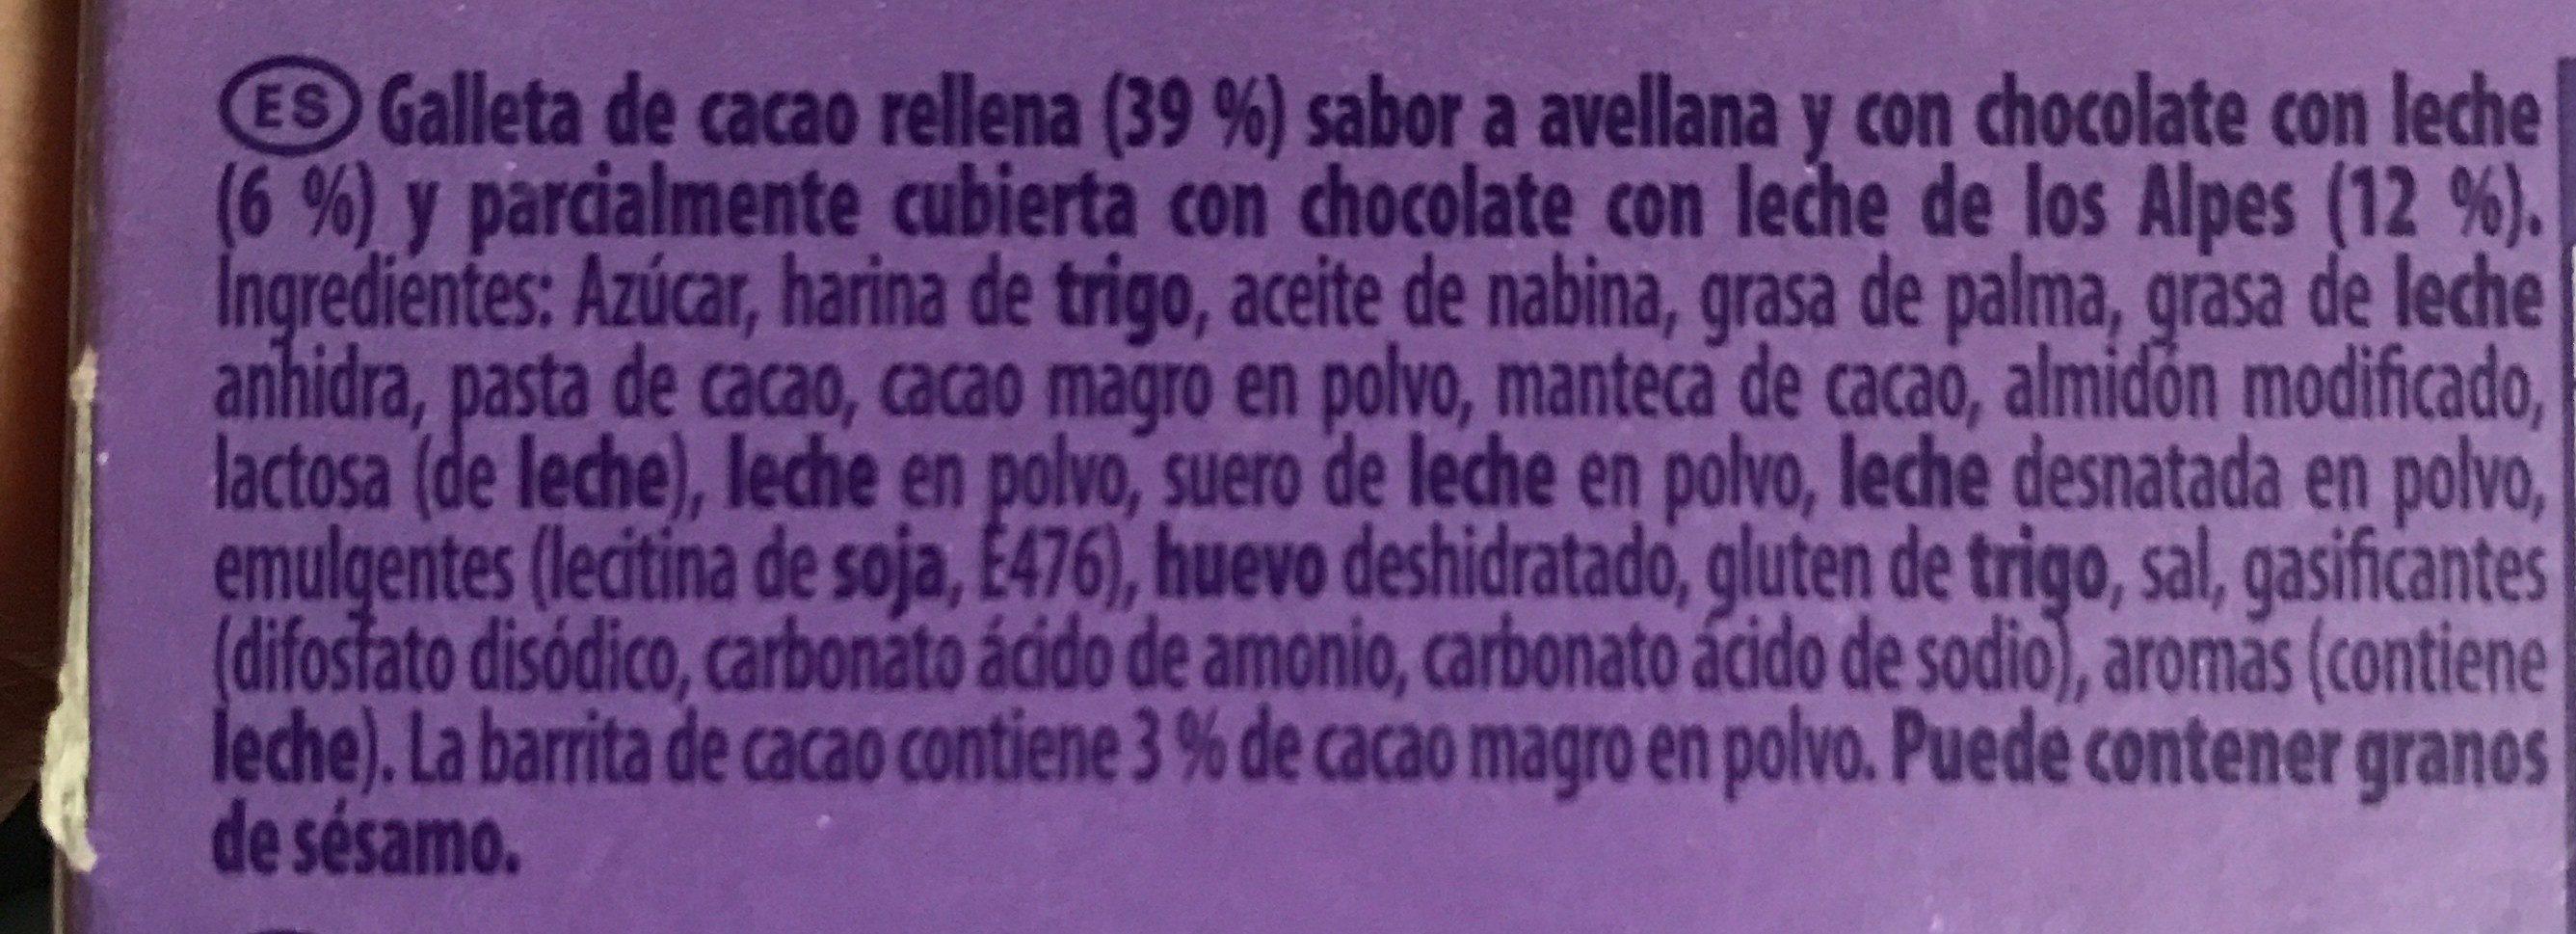 Barritas choco - Ingredients - fr